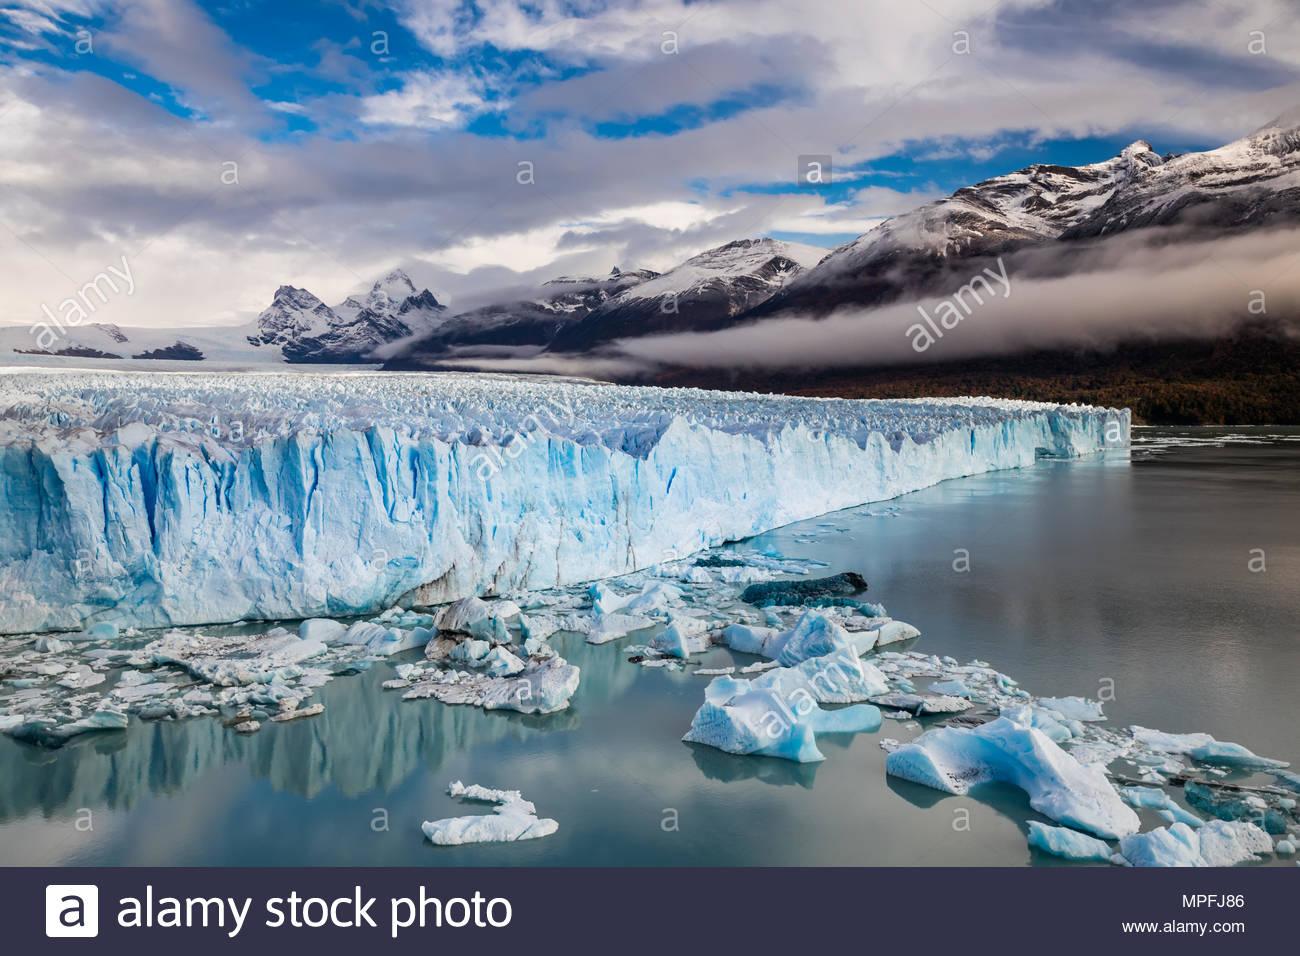 El Glaciar Perito Moreno es un glaciar ubicado en el Parque Nacional Los Glaciares en la provincia de Santa Cruz, Argentina. Es uno de los más importantes tou Foto de stock